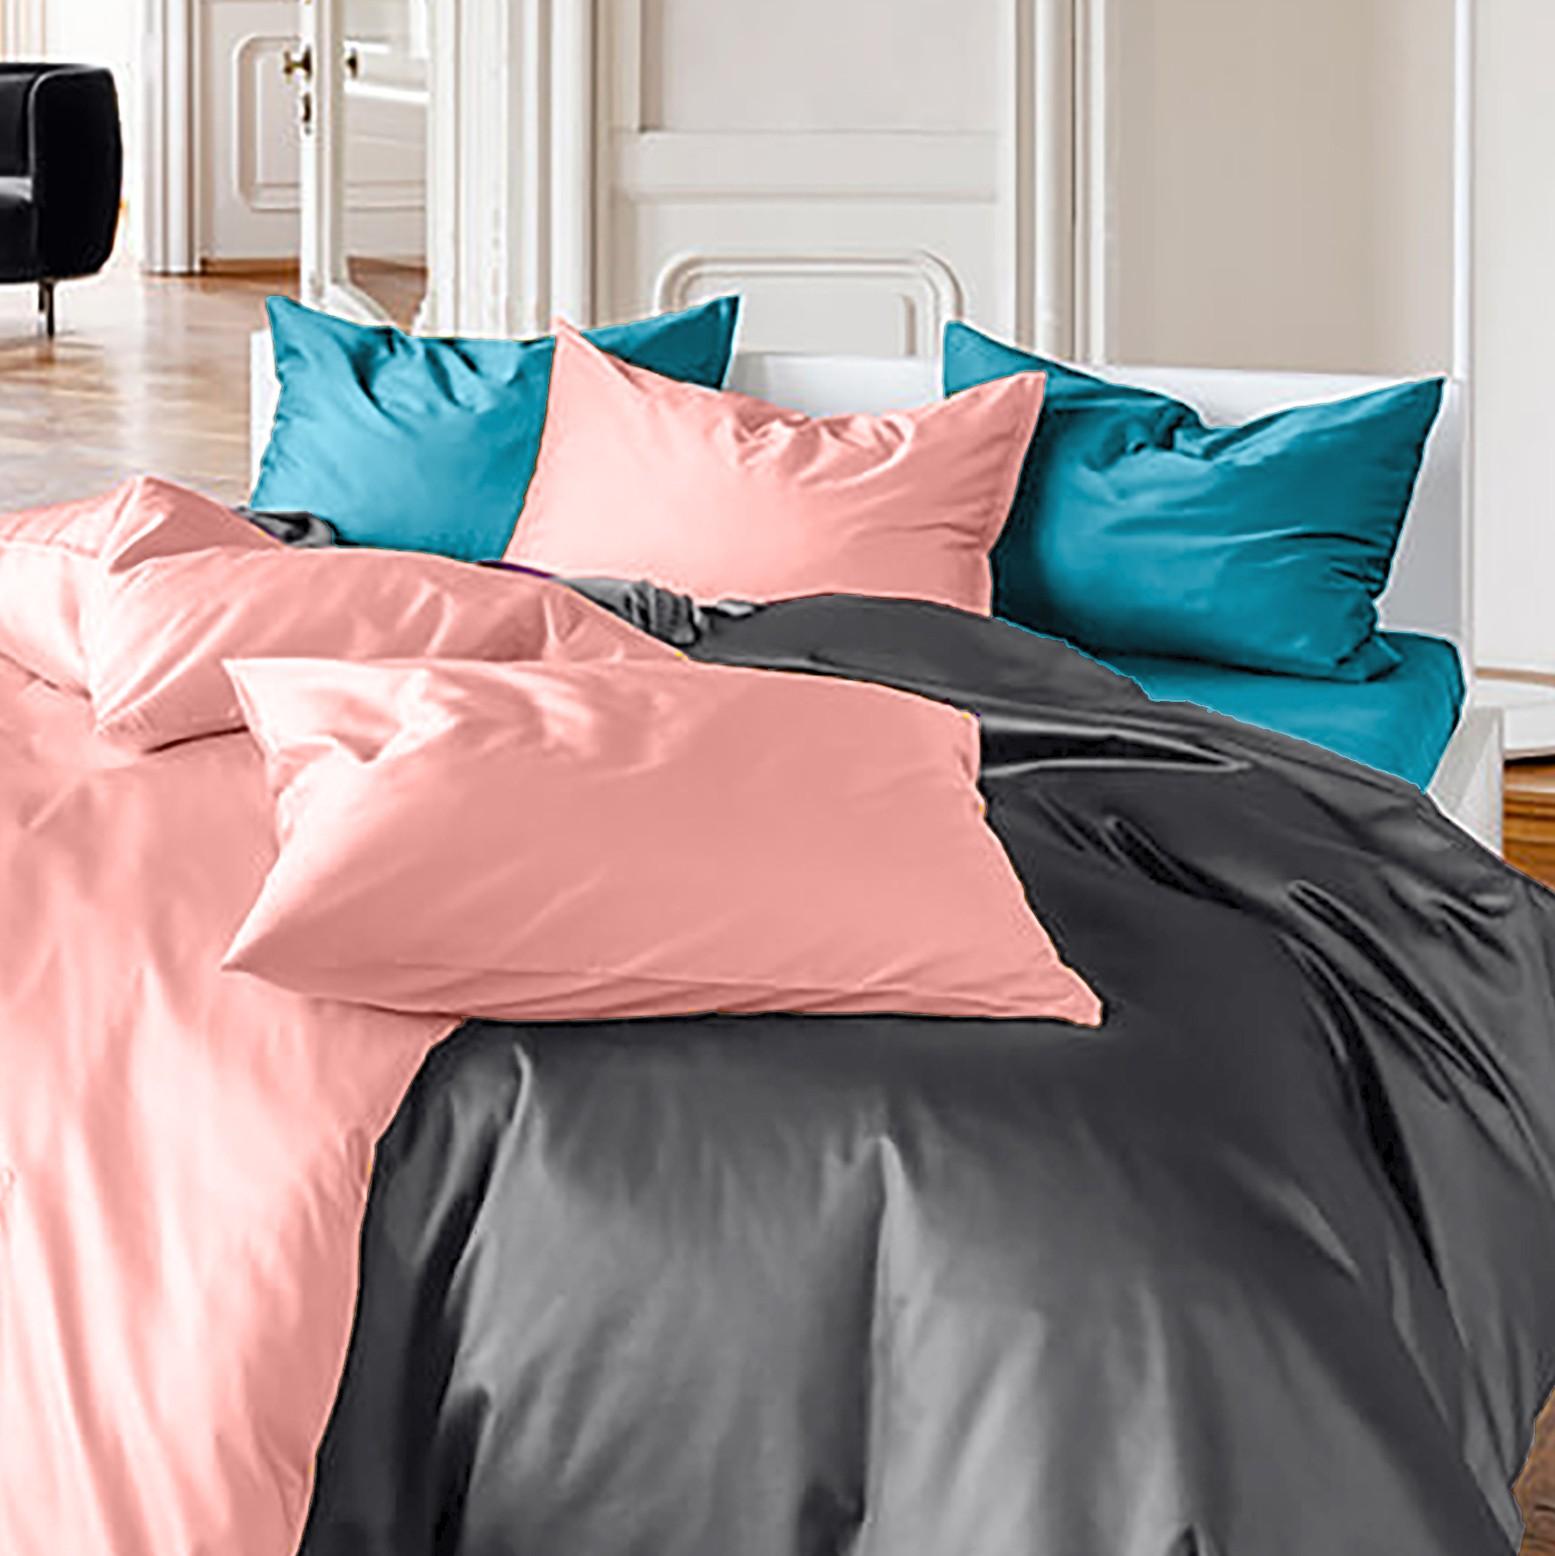 Bettwäsche aus Baumwoll-Satin in eleganten Farben